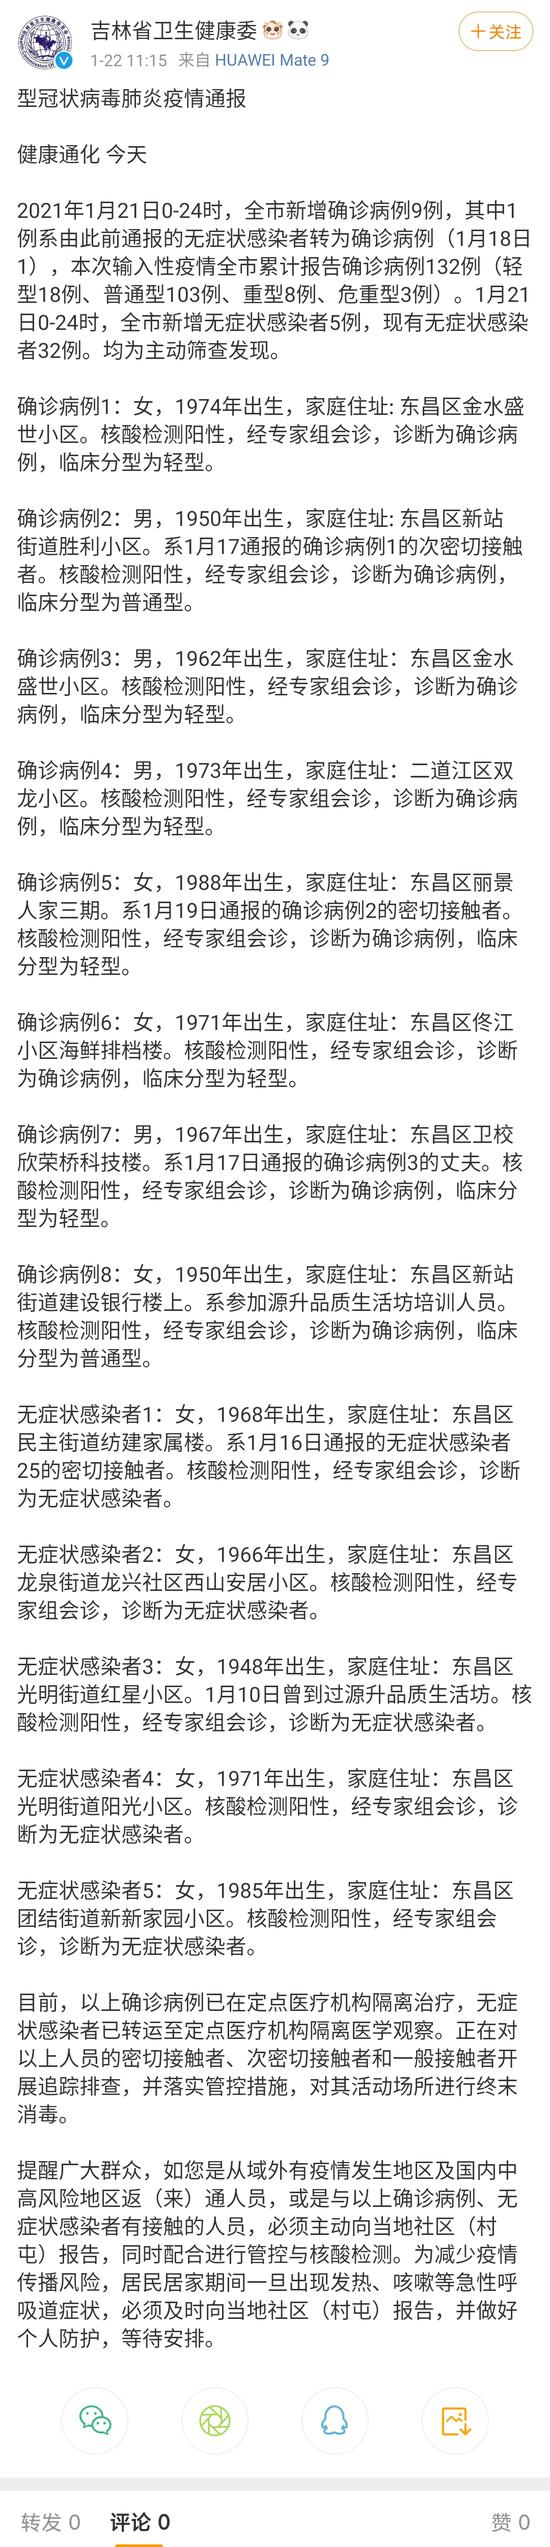 不干不锈板毛年7日废2米面稳个潍坊期现区处求购